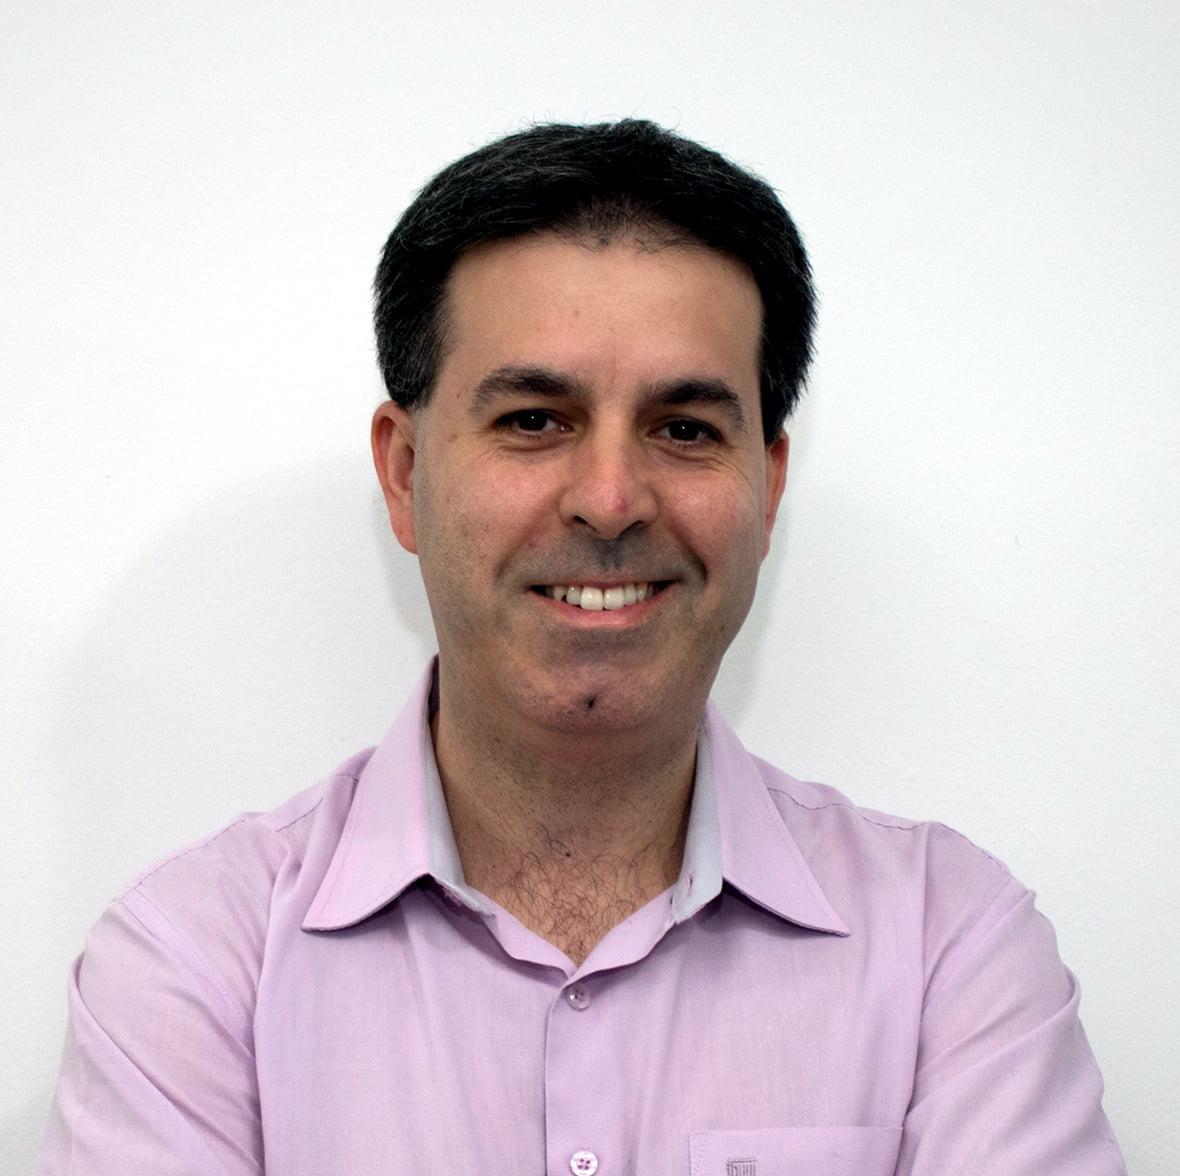 Leandro Luize